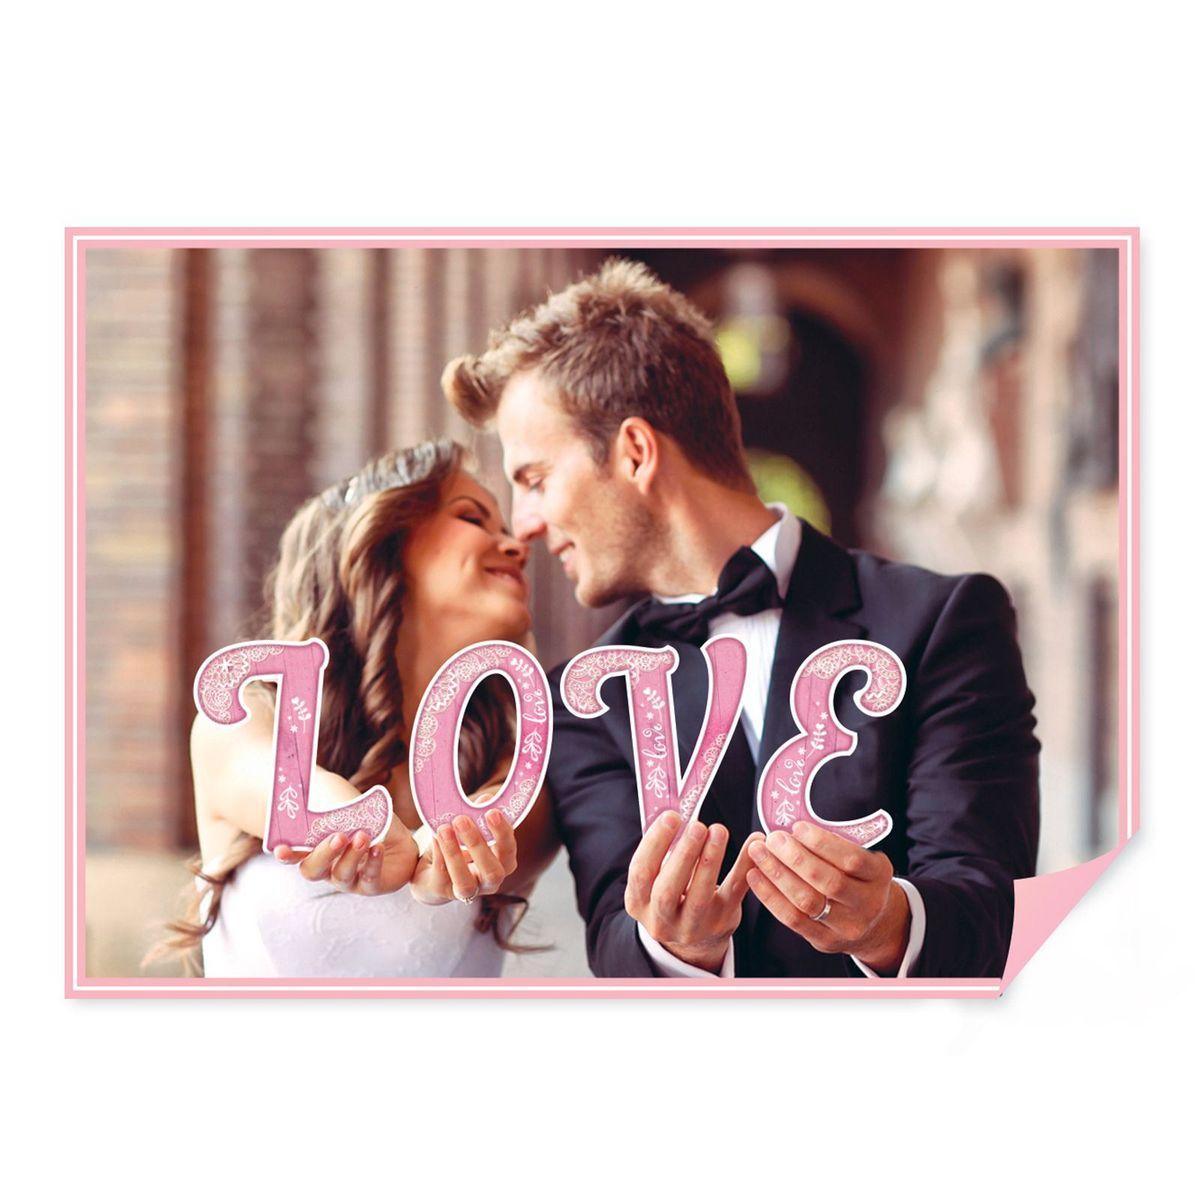 Буквы для фототосессии Sima-land Love, 16 х 20 см1221261Буквы Sima-land Love, изготовленные из картона, предназначены для оформления свадебного торжества и проведения фотосессий. В наборе 4 буквы, из которых составляется слово Love.Невозможно представить нашу жизнь без праздников! Мы всегда ждем и предвкушаем их, обдумываем, как проведем памятный день, тщательно выбираем подарки и аксессуары, ведь именно они создают и поддерживают праздничный настрой. Особенно, если речь идет о свадьбе!